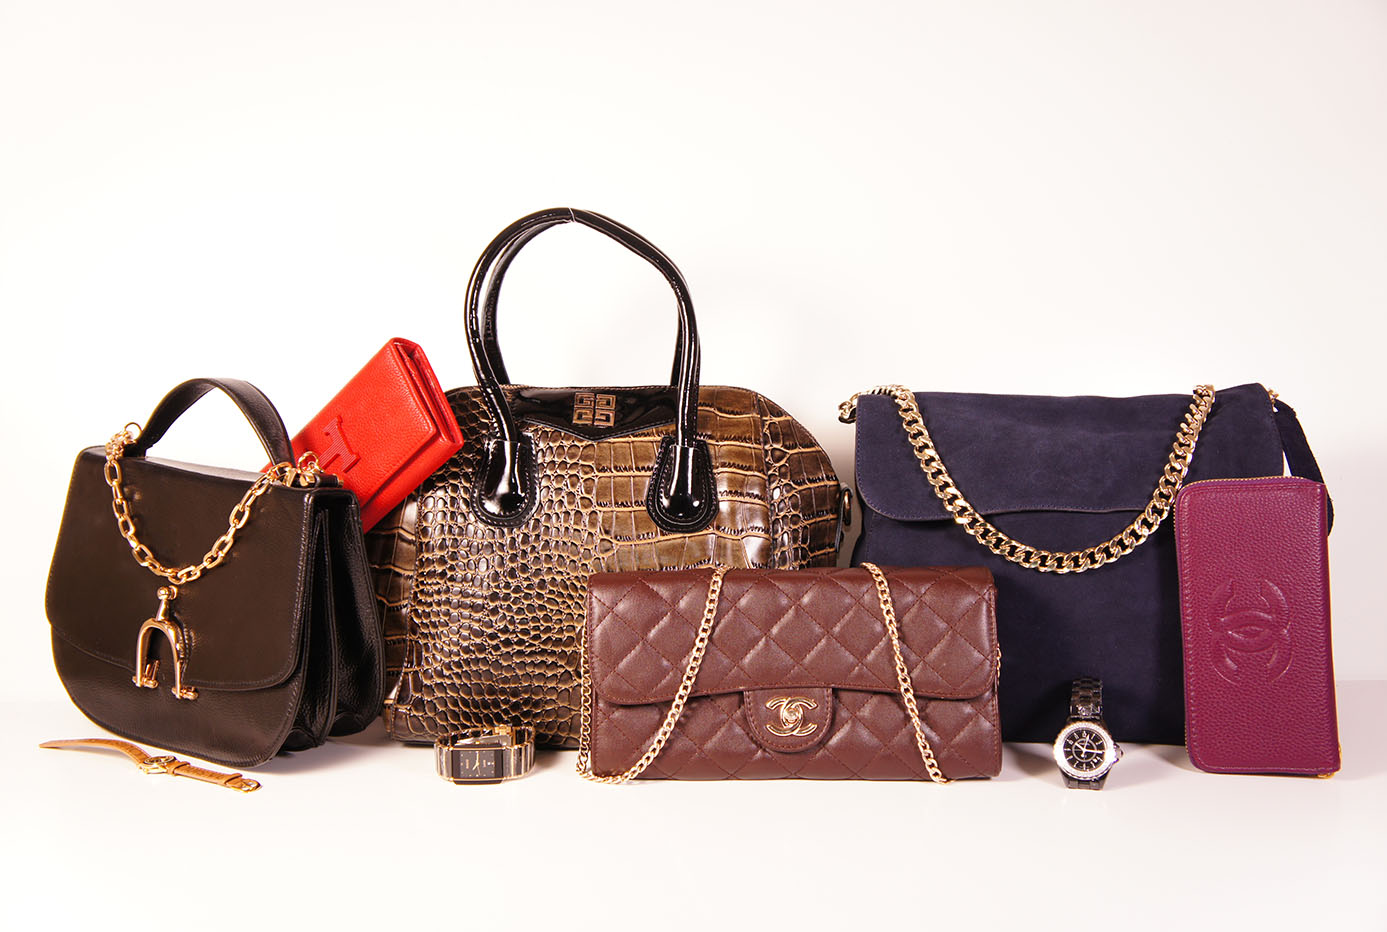 85a92154d899 В каких интернет магазинах заказывать сумки из Америки | US-POKUPKA